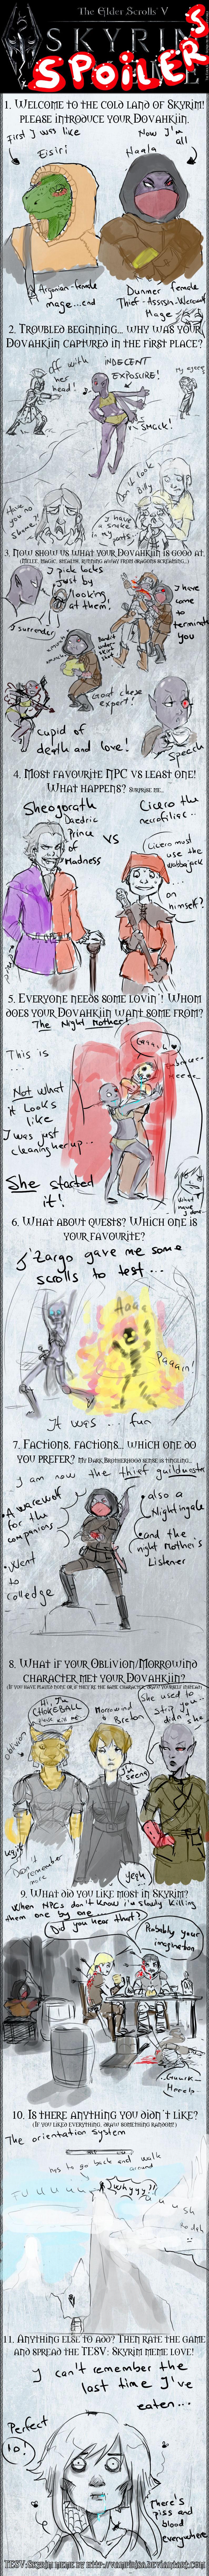 Skyrim Meme SPOILERS by Yume-thing